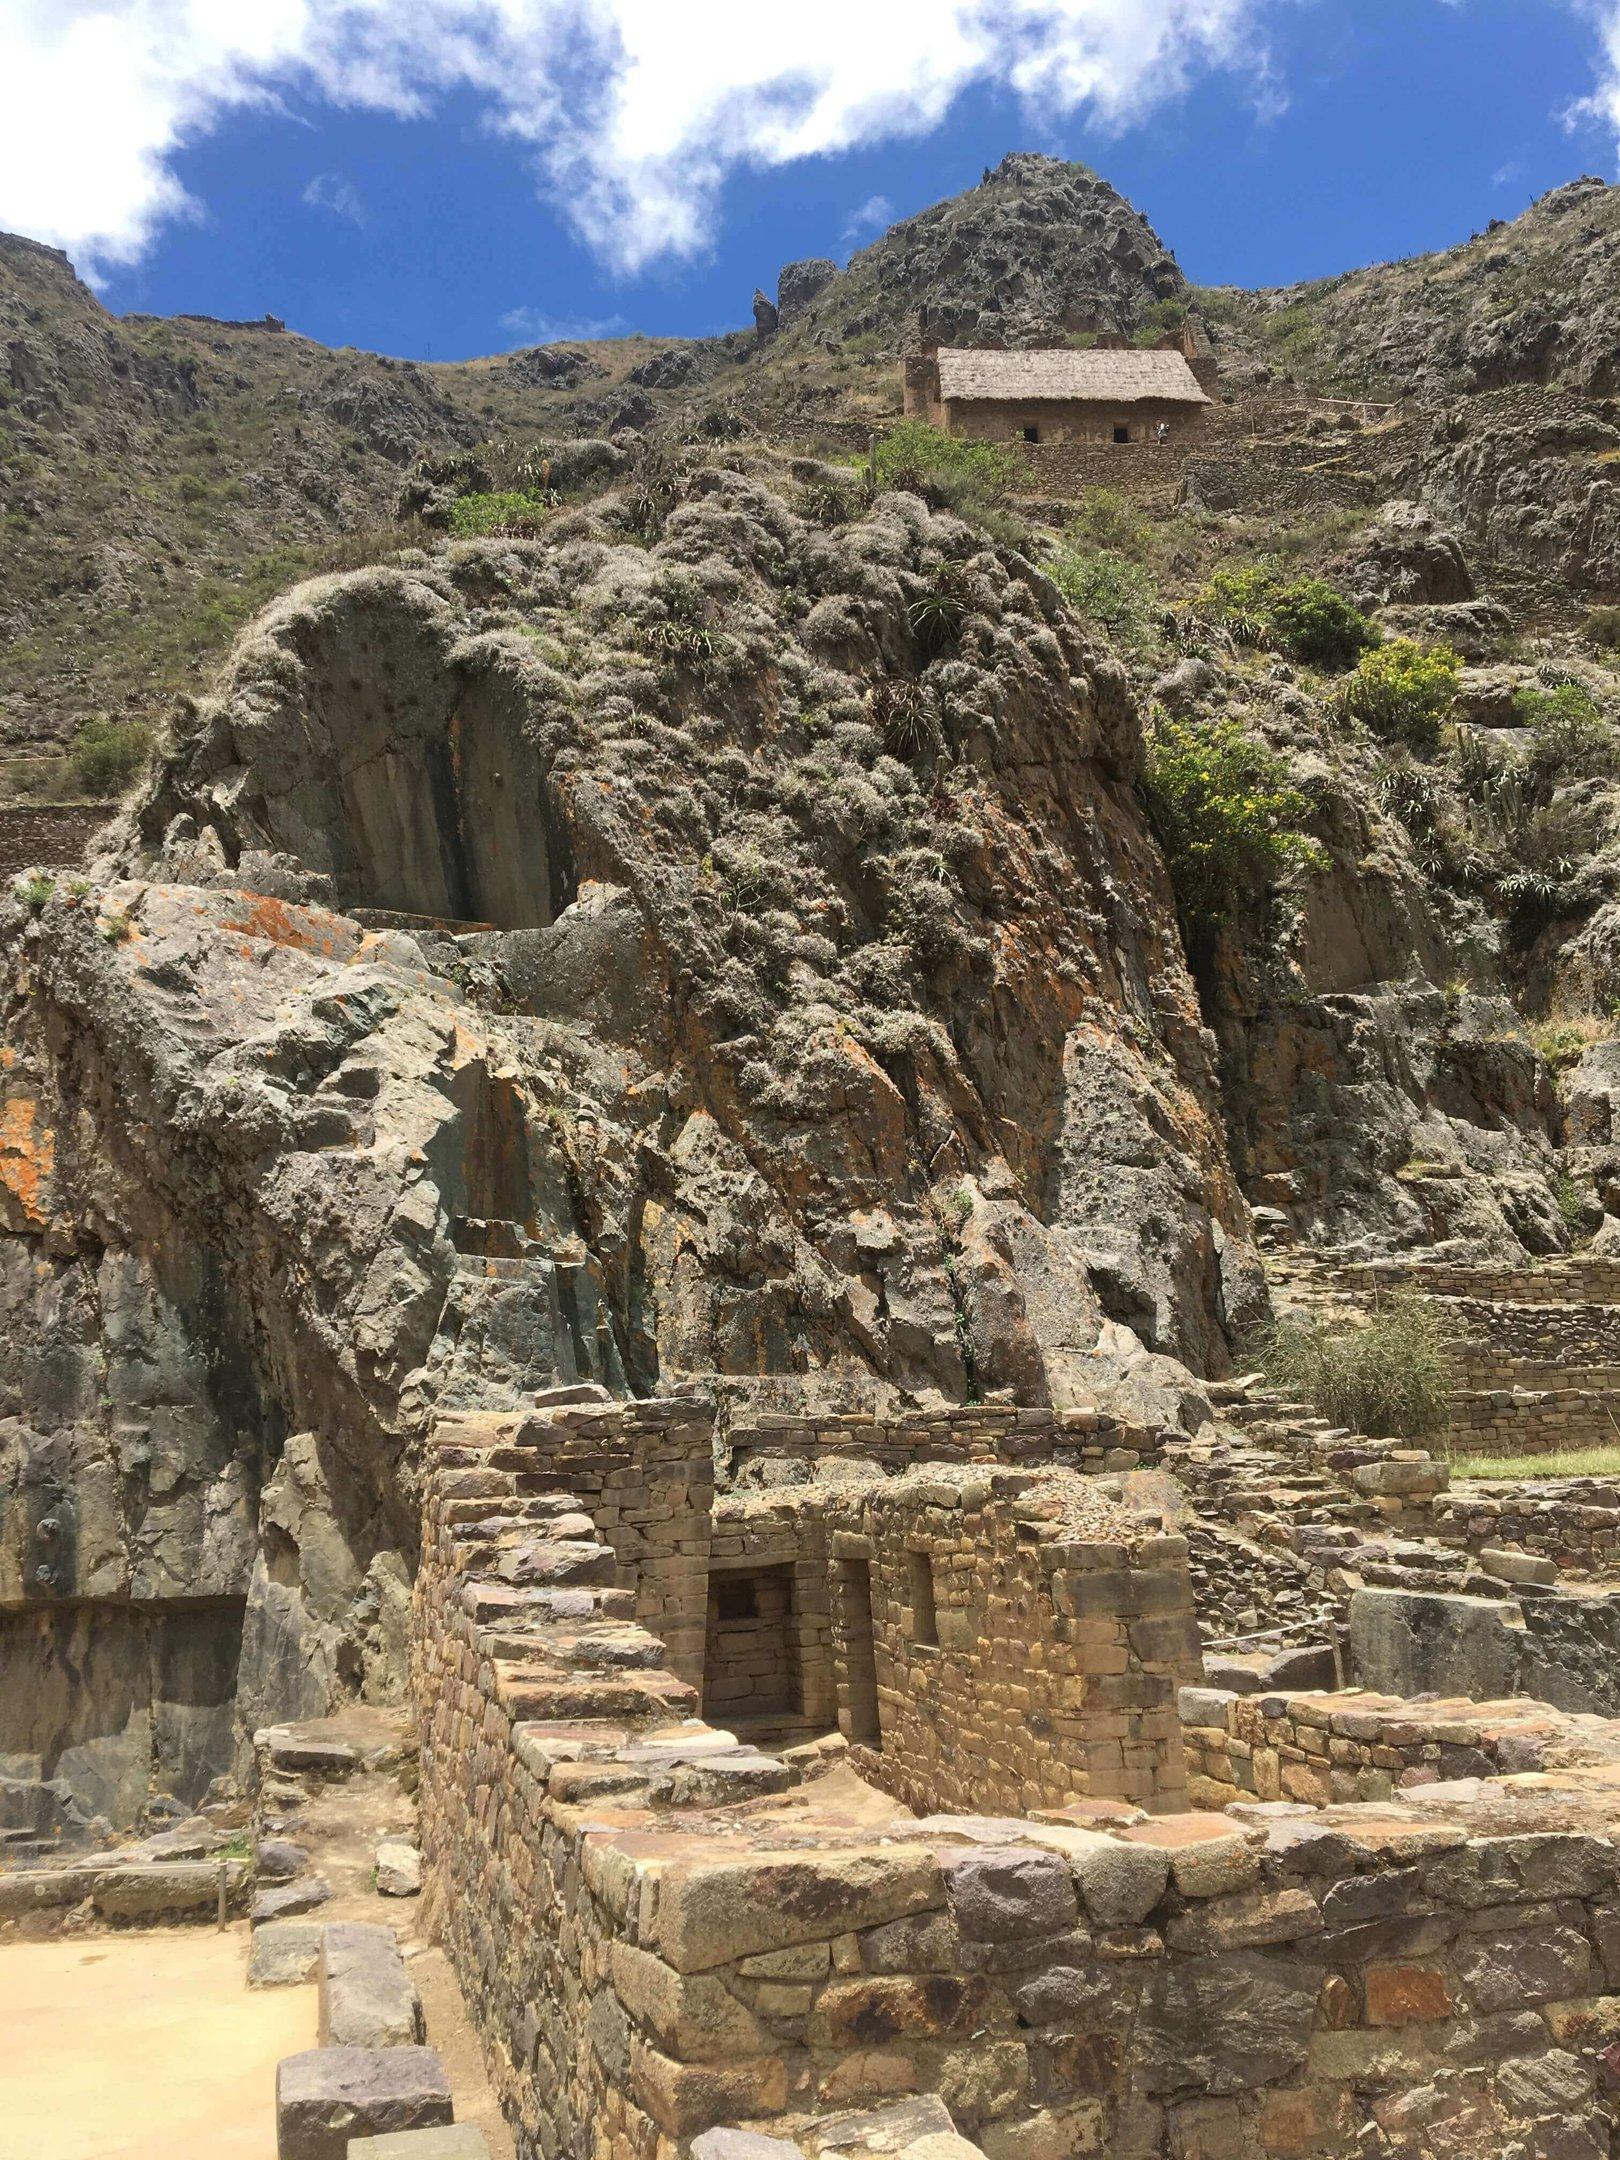 Depois de conhecer o parque, rumo a Machu Picchu